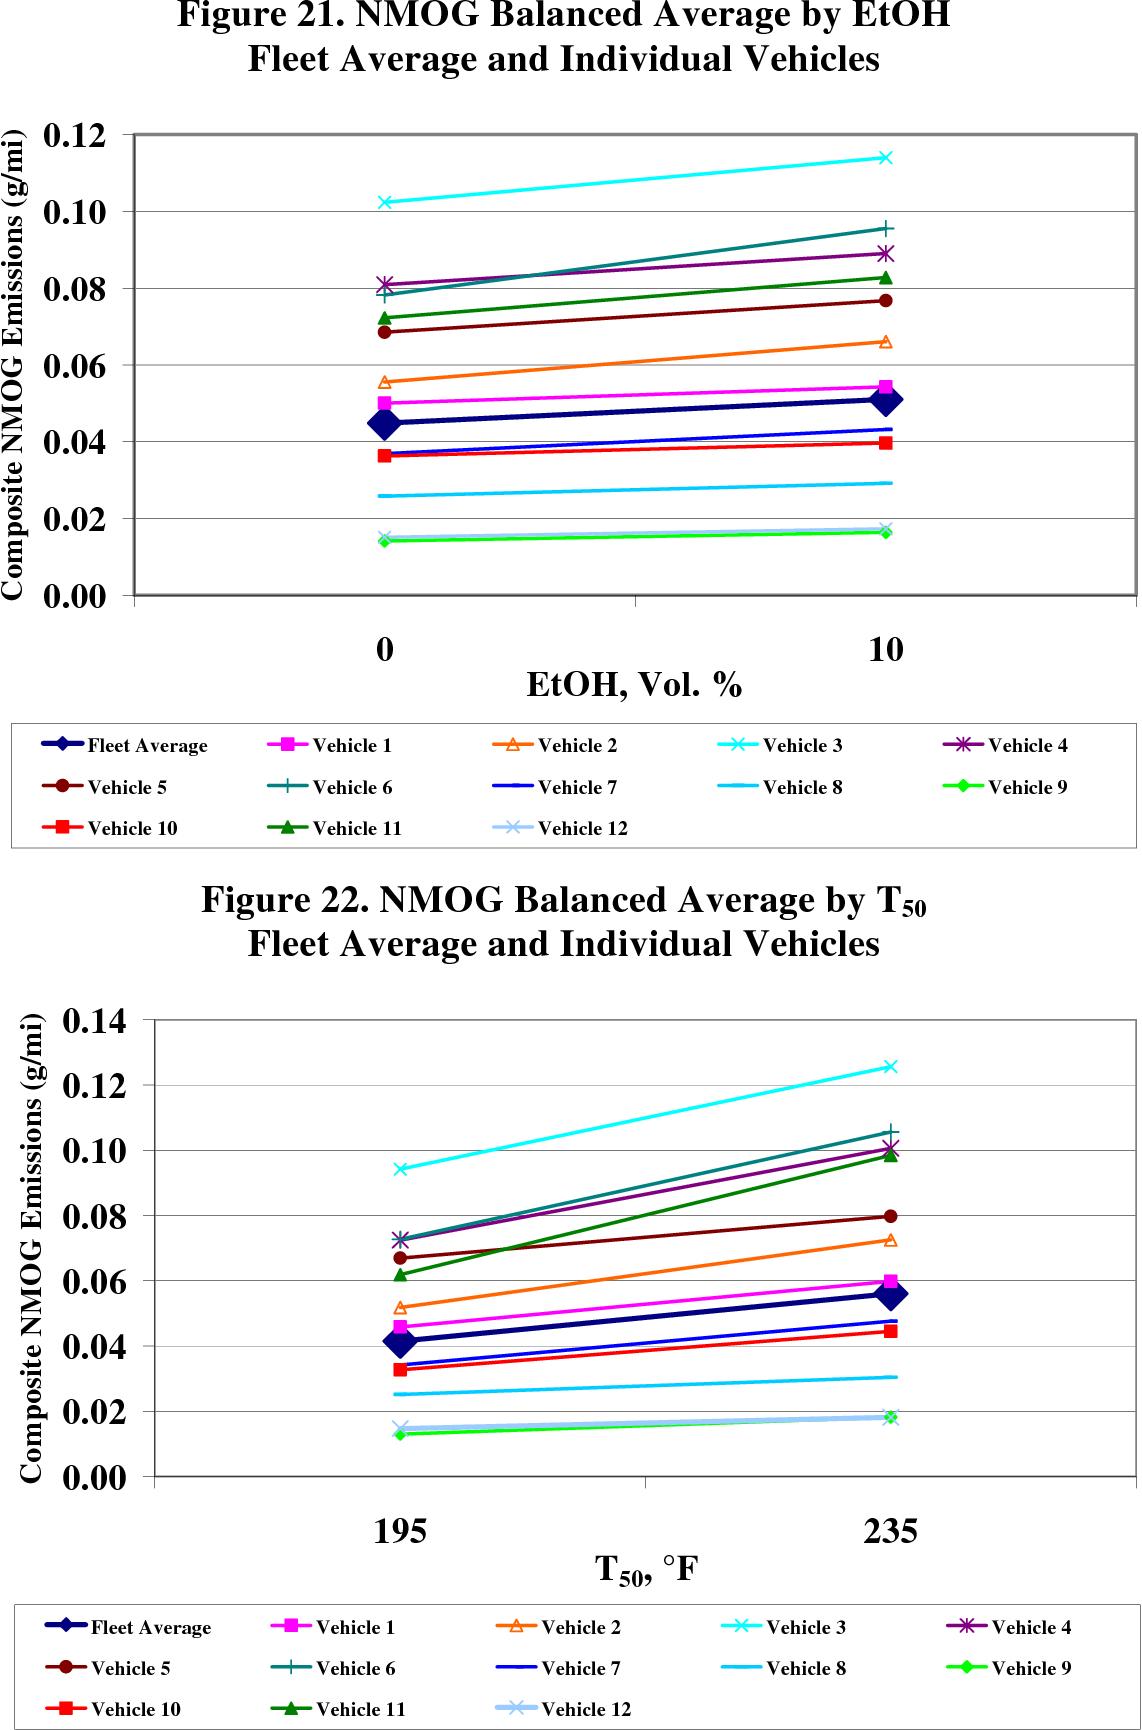 Figure 21. NMOG Balanced Average by EtOH Fleet Average and Individual Vehicles